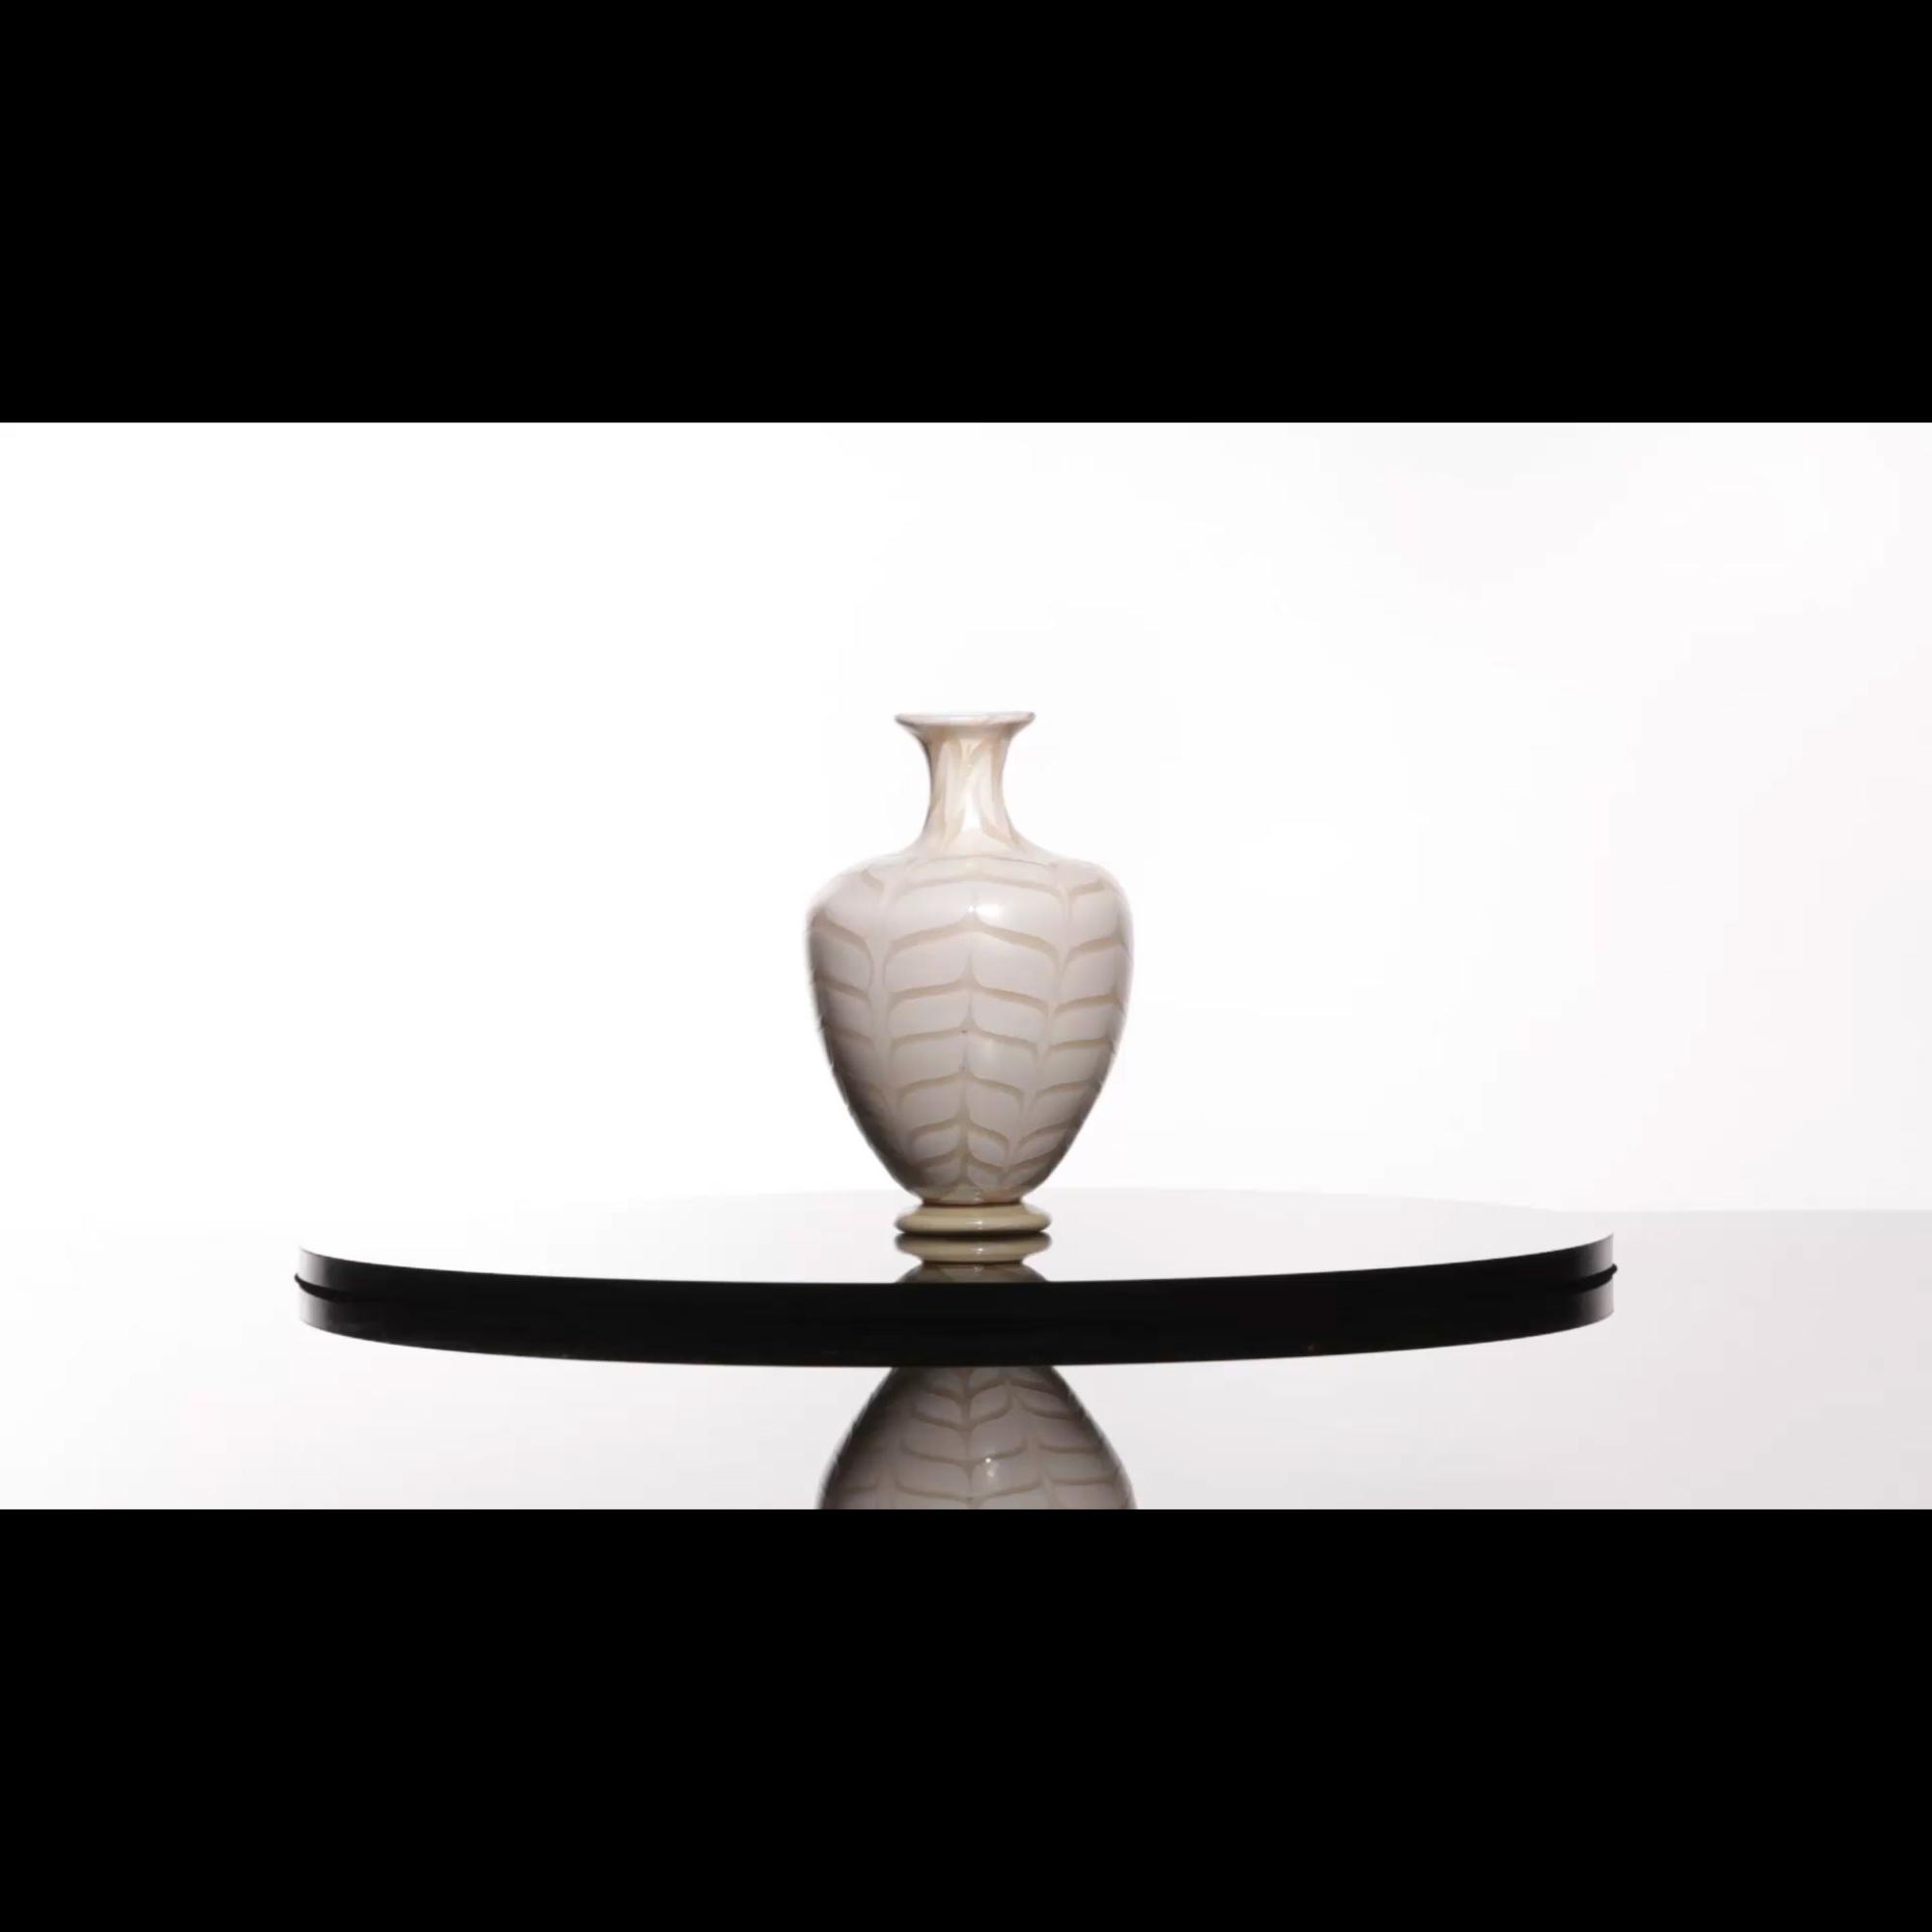 40: Carlo Scarpa / Fenicio vase (1 of 4)